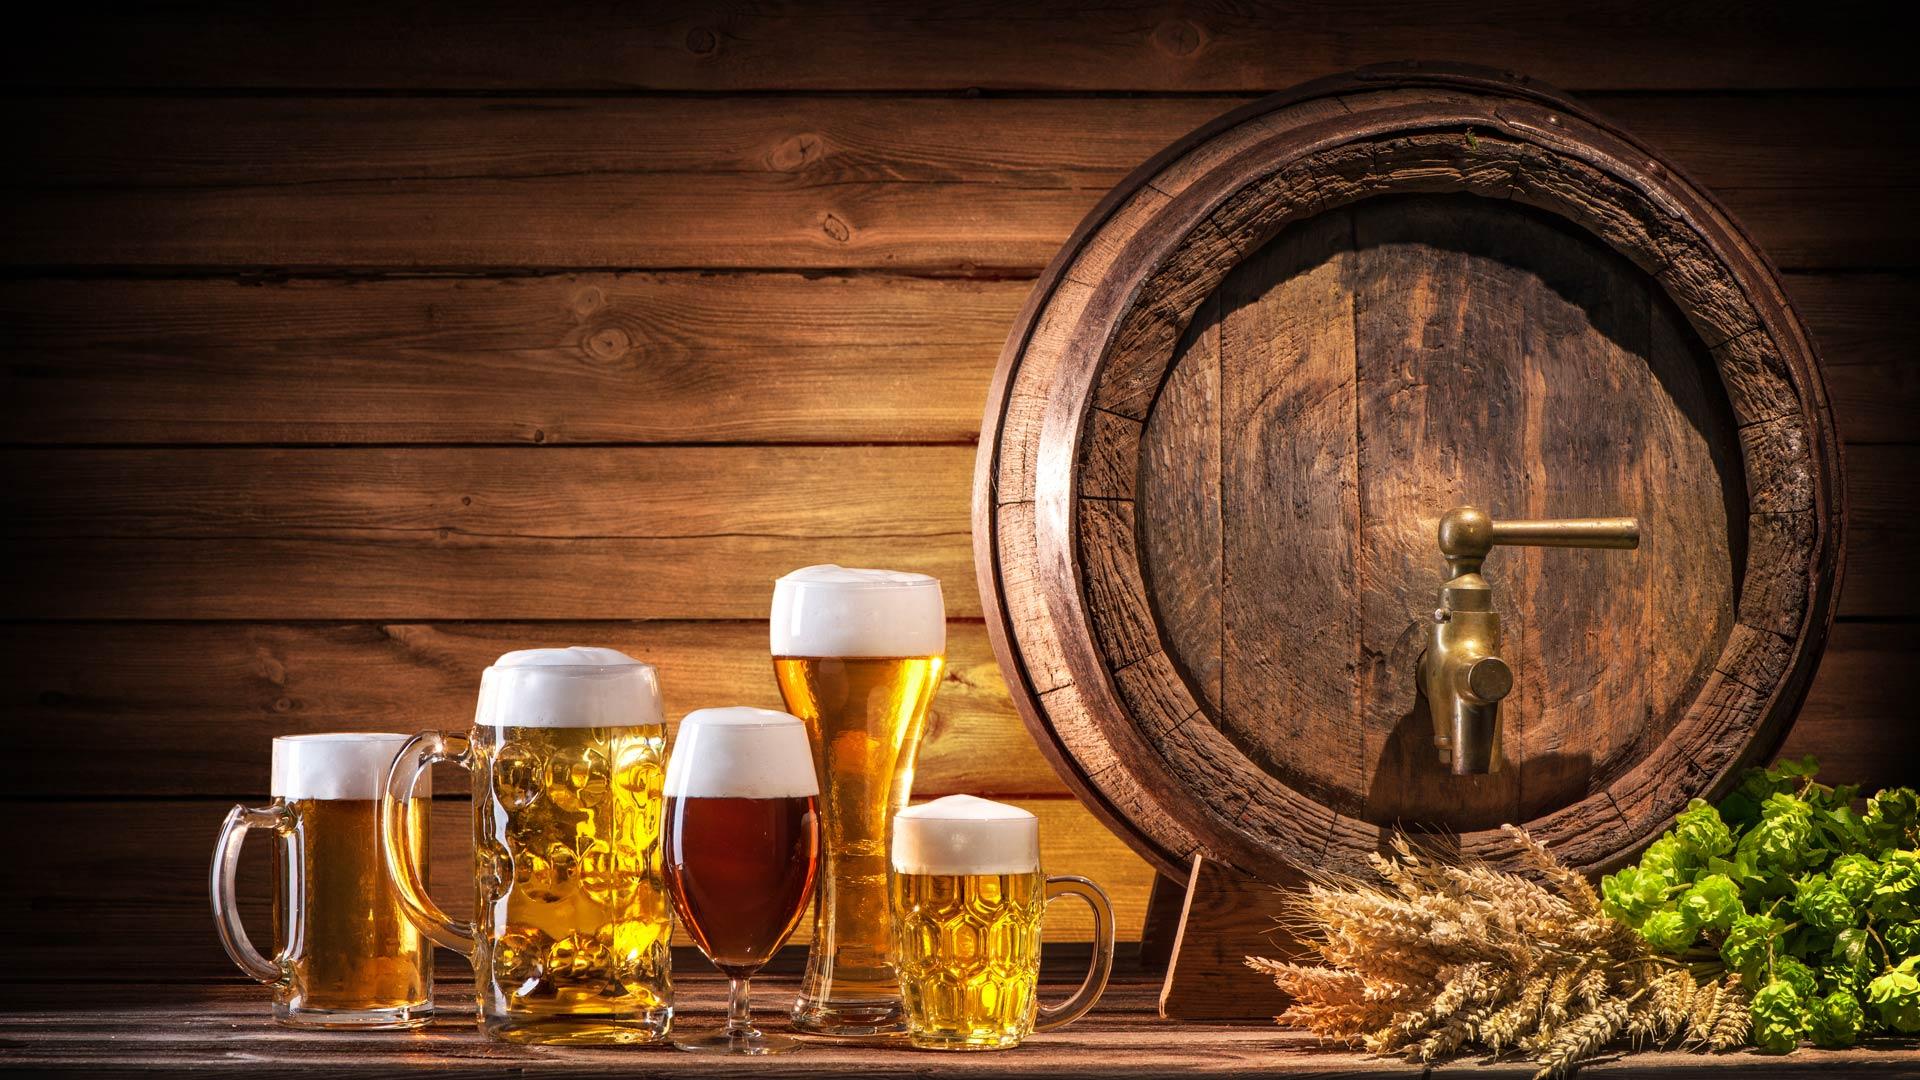 Oktoberfest keg with beers displayed